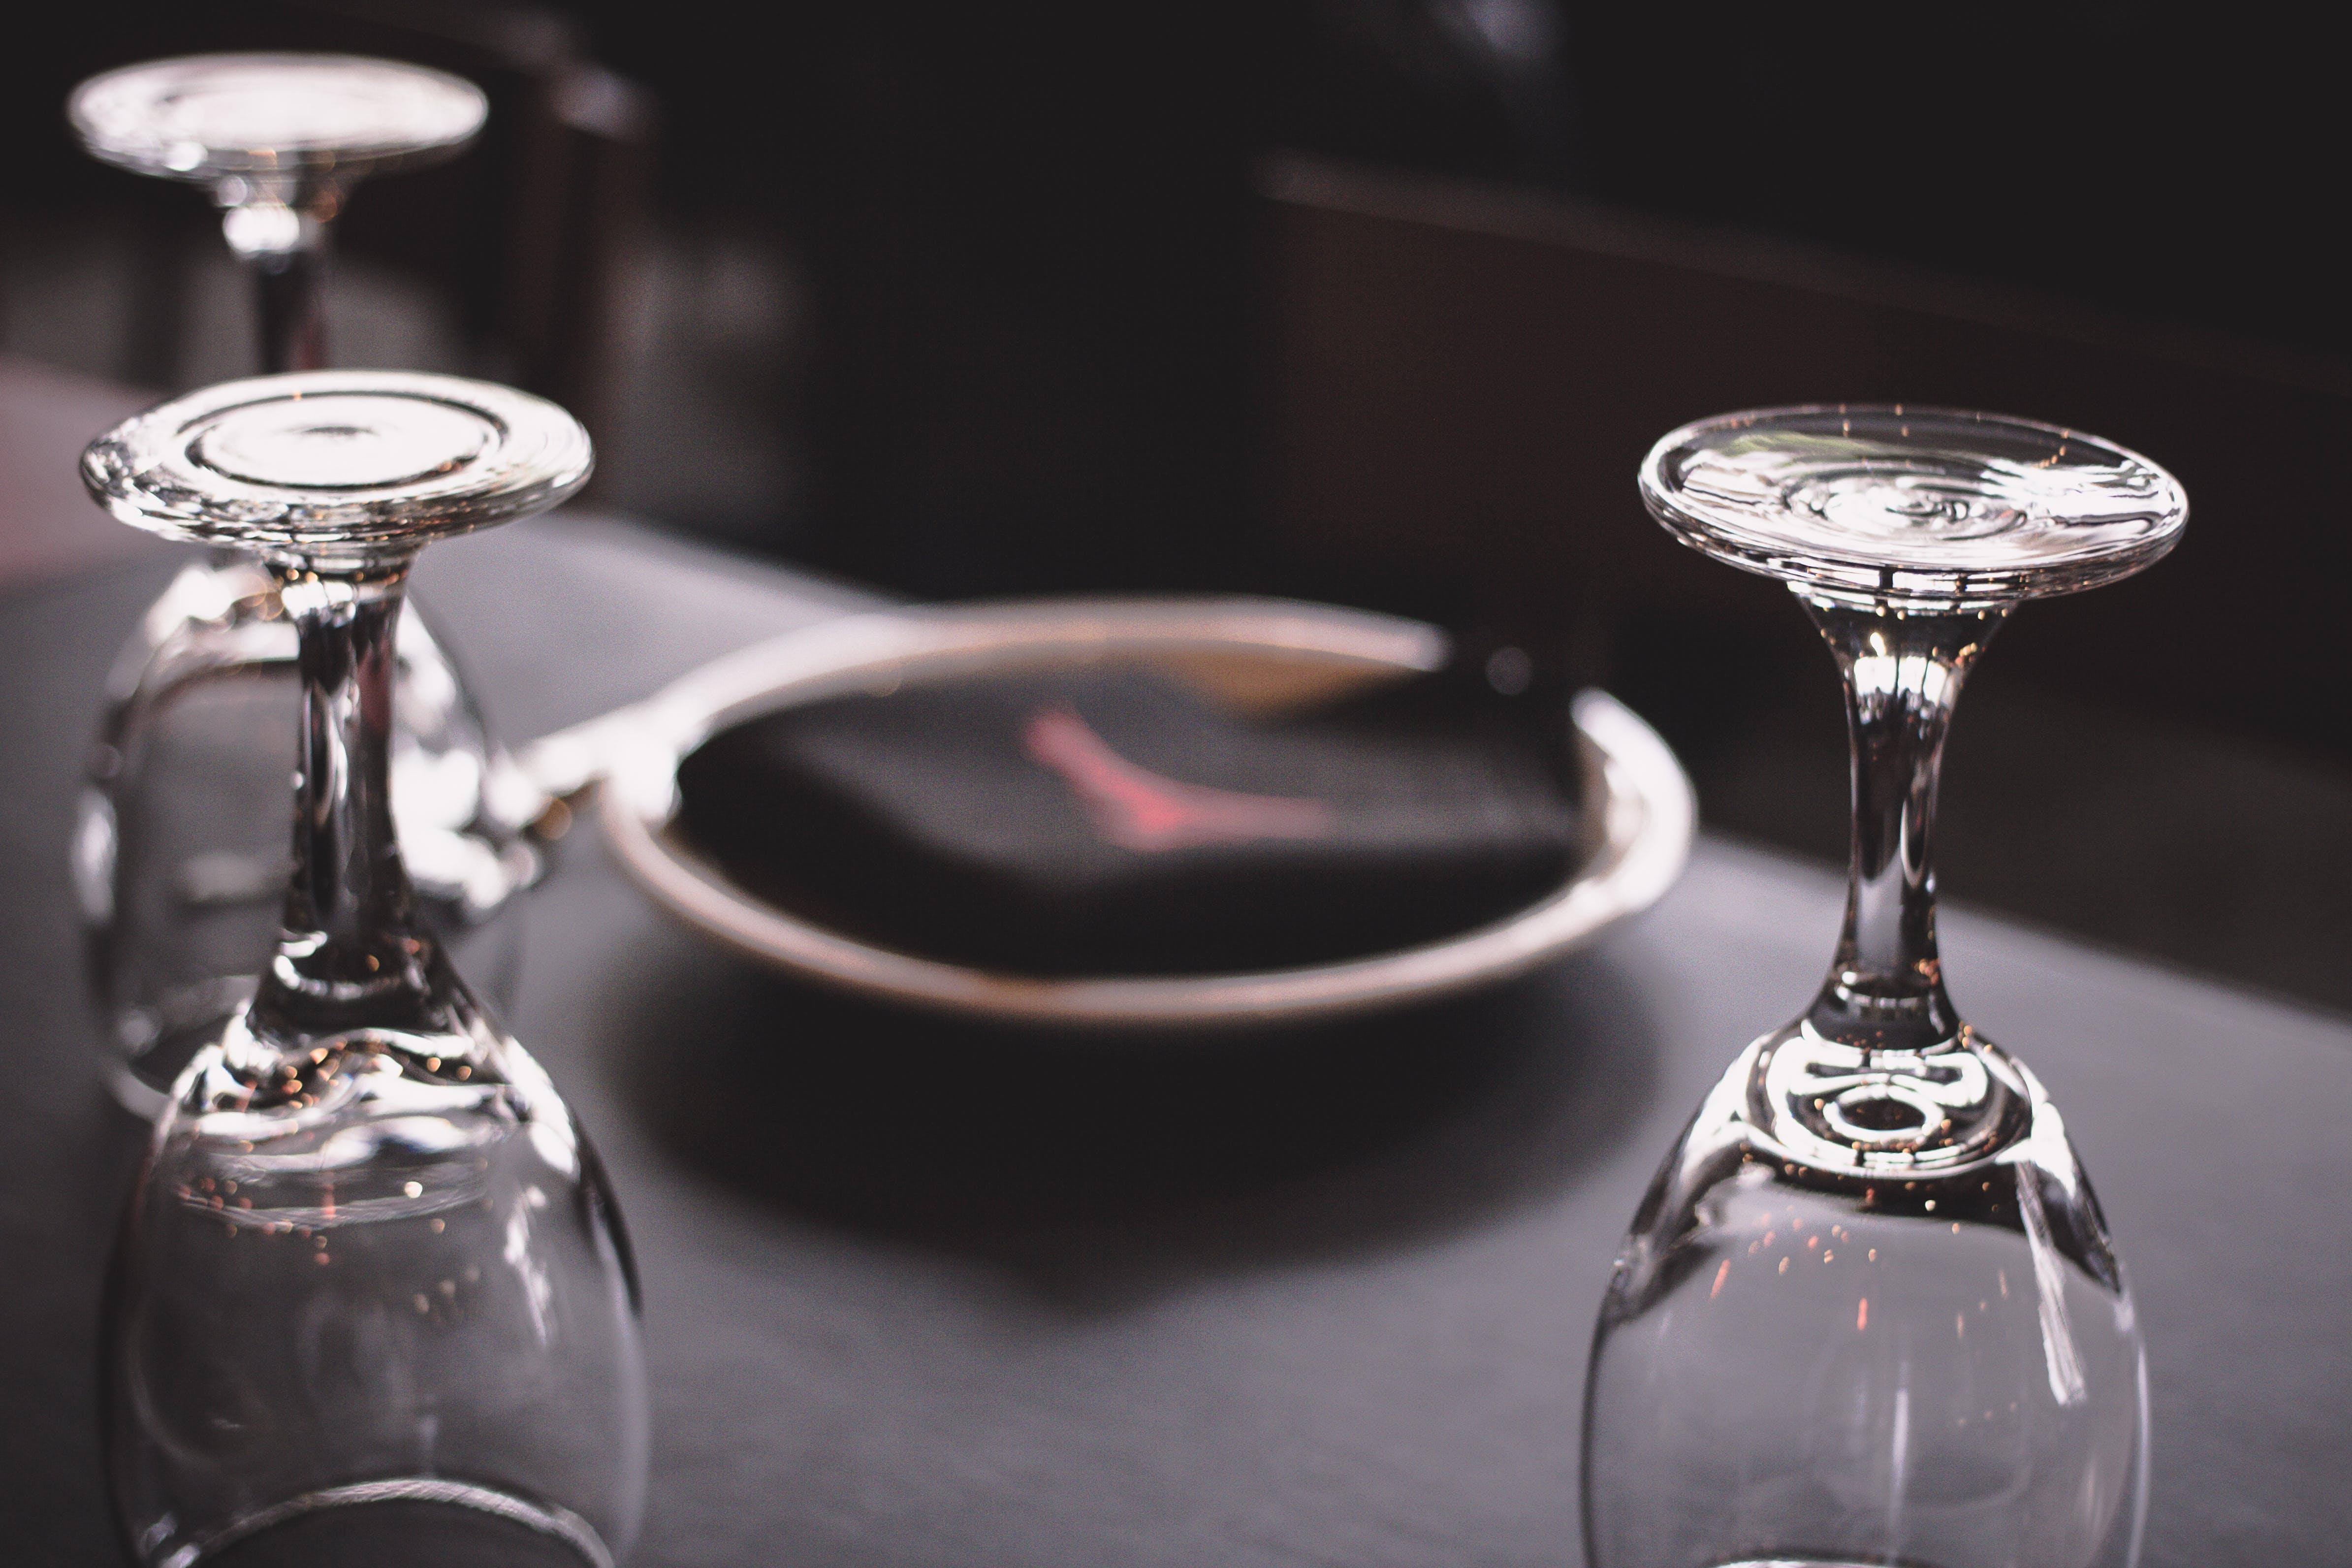 Three Wine Glasses on Black Surface